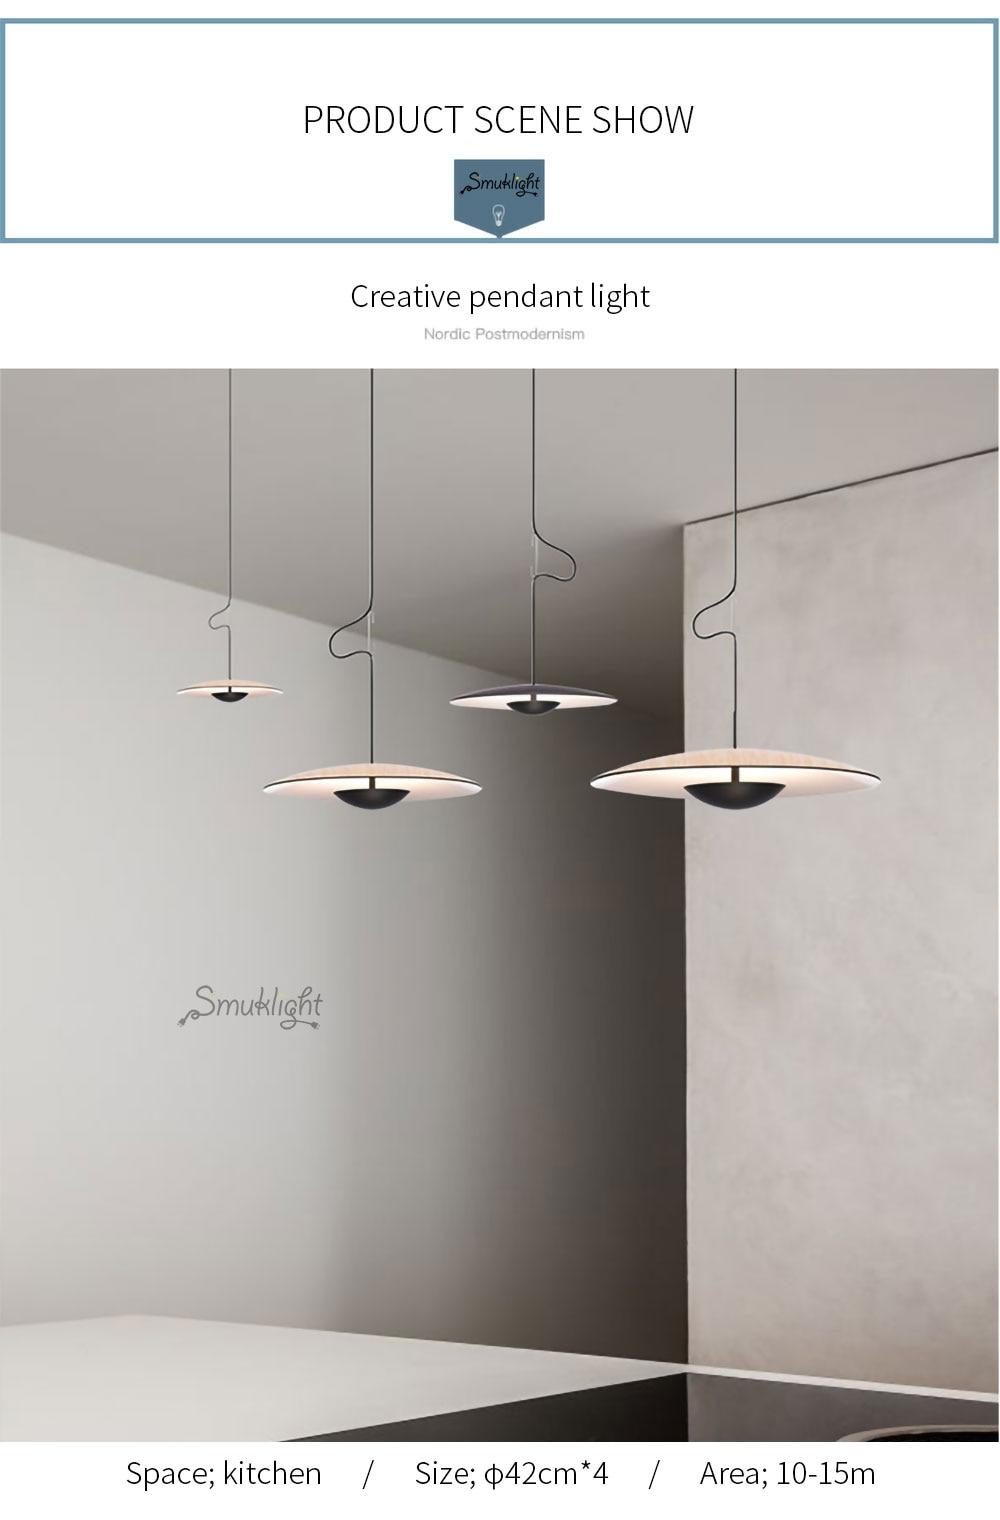 美式简约北欧现代艺术风格意大利设计师客厅餐厅床头吧台卧室吊灯_05